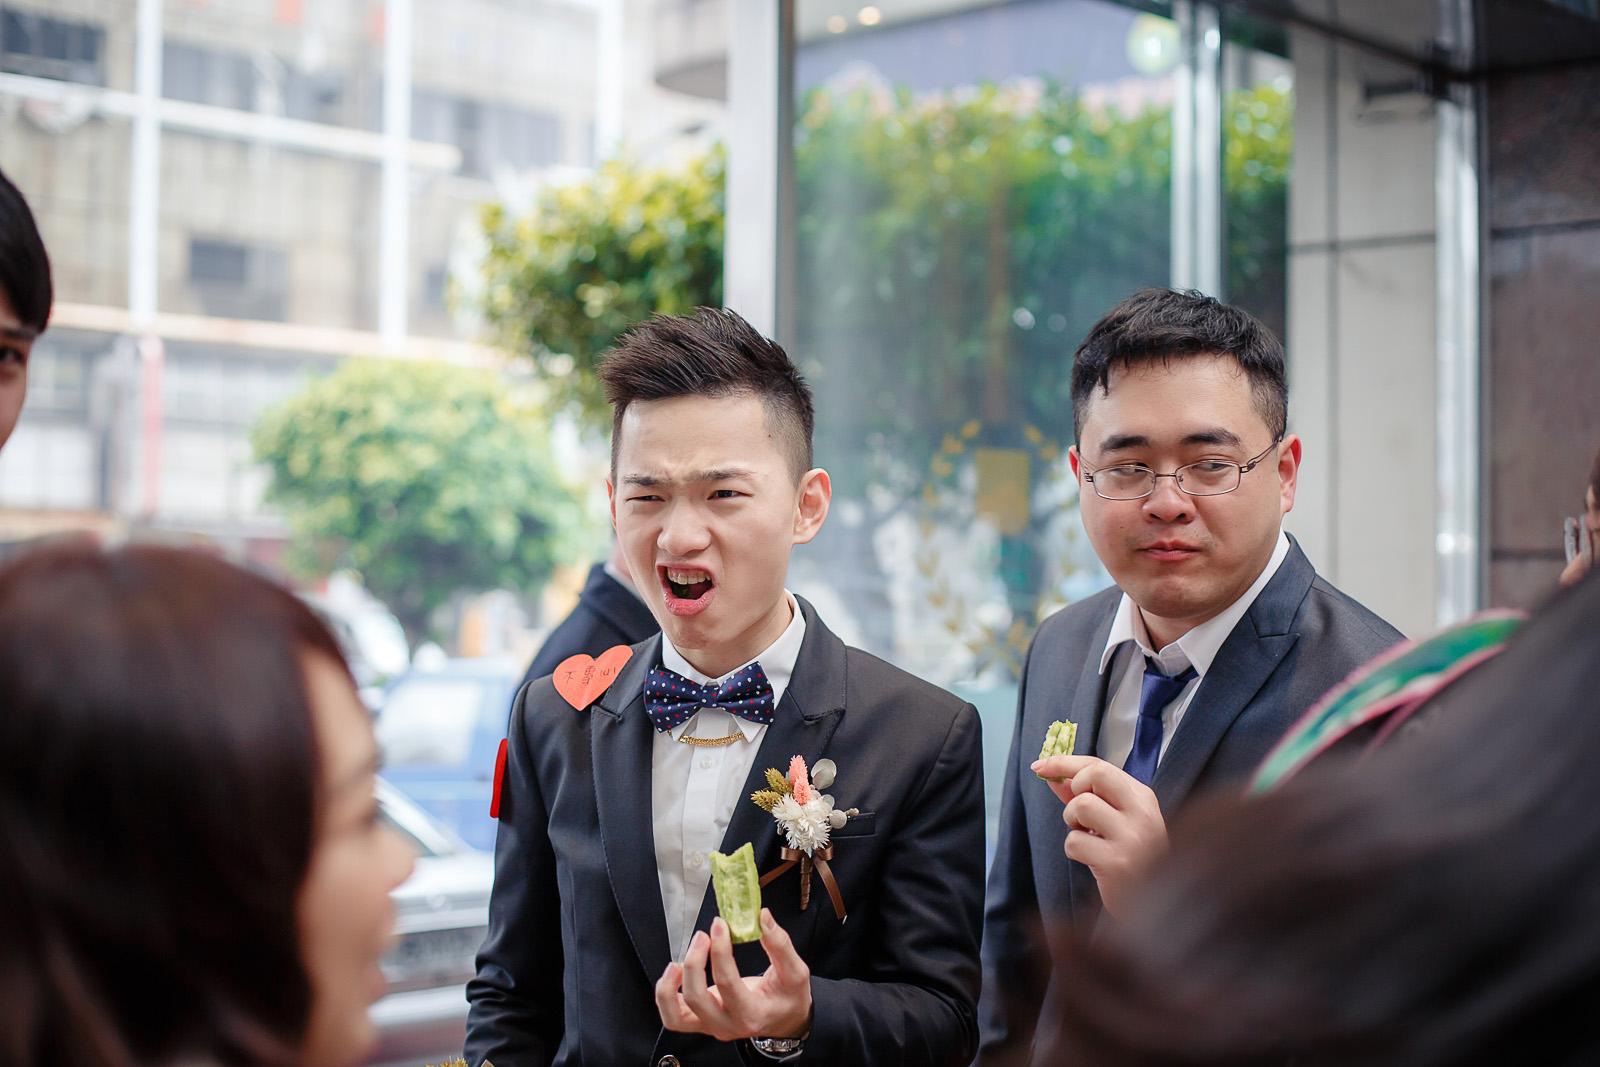 高雄圓山飯店,婚禮攝影,婚攝,高雄婚攝,優質婚攝推薦,Jen&Ethan-094